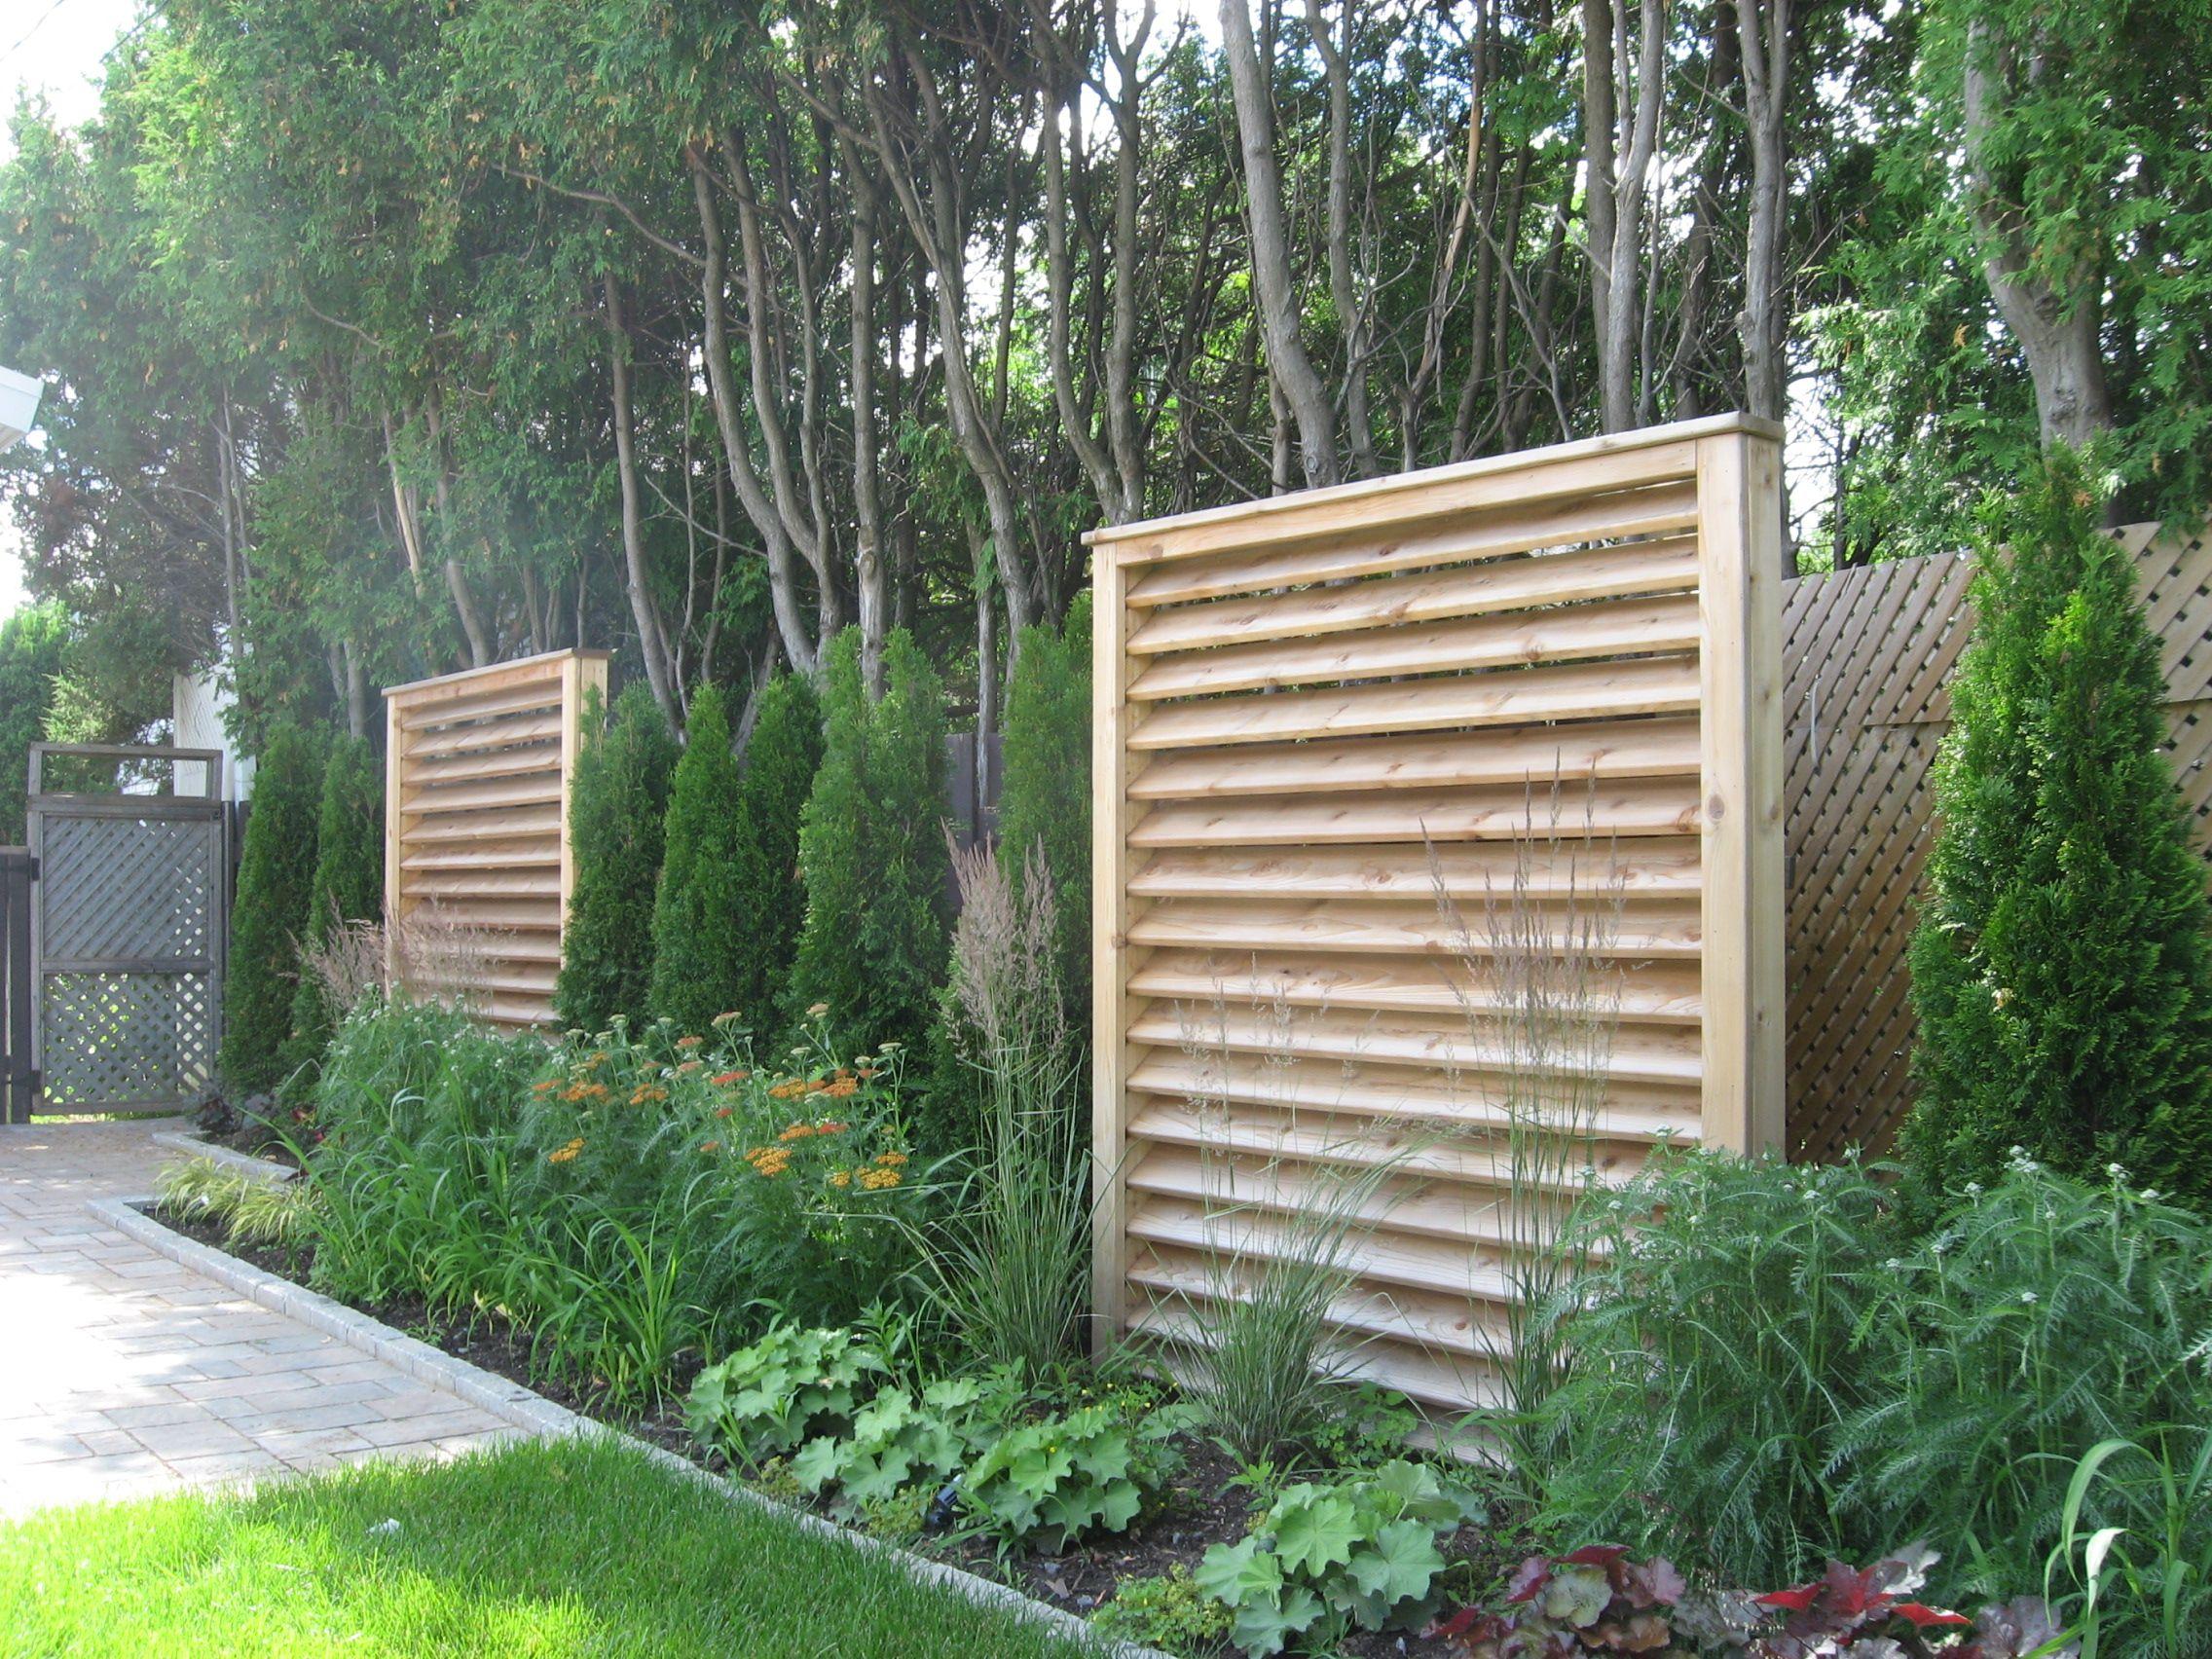 Crans de c dre modernes mis en place dans une cours pour for Jardin urbain contemporain